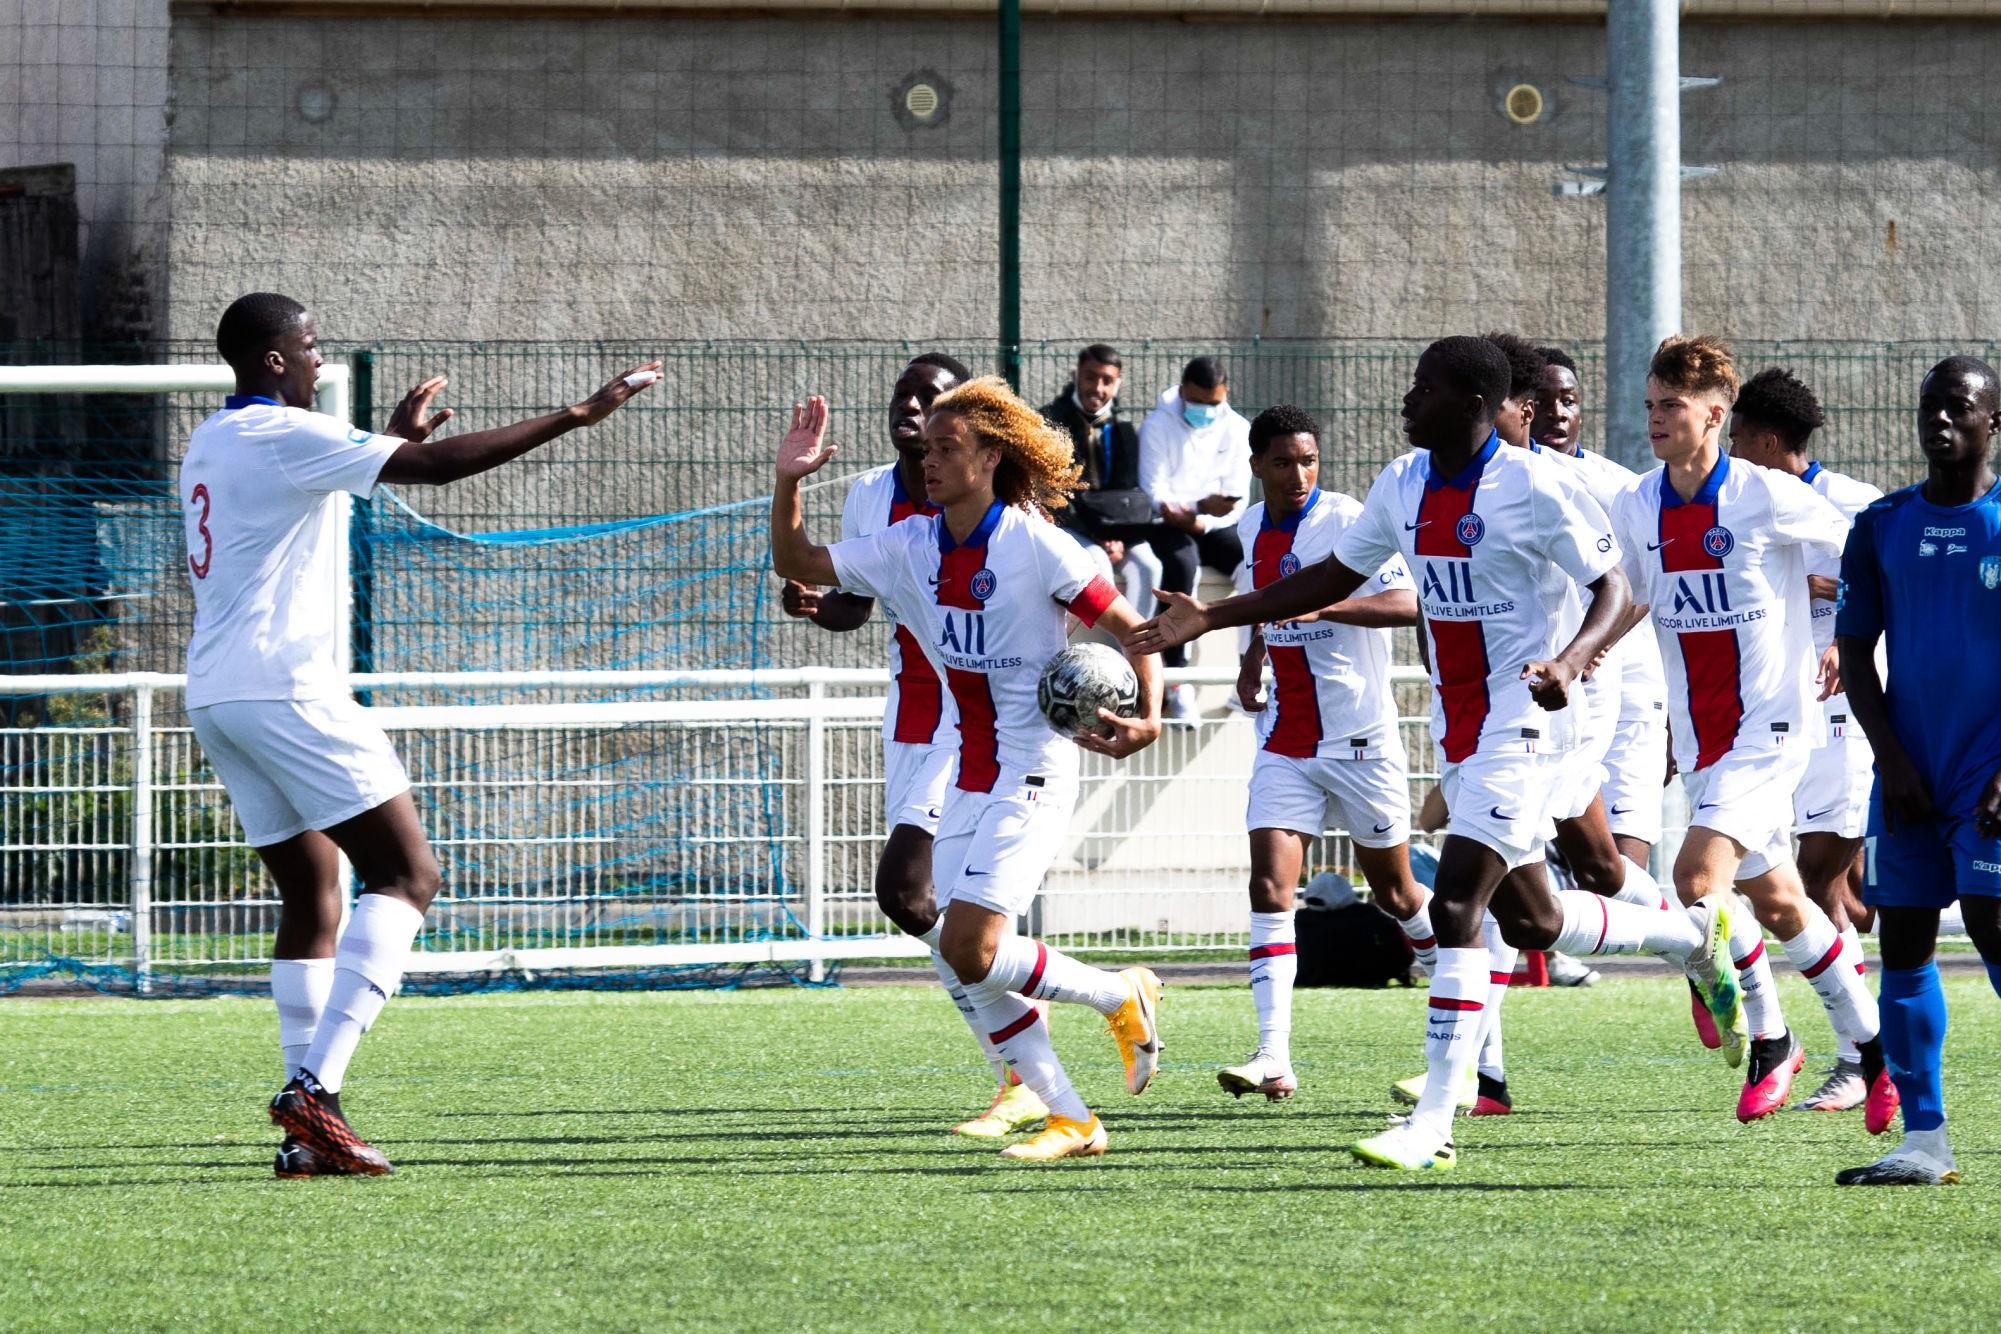 Revivez les dernières semaines au plus près de l'équipe et du staff U19 du PSG